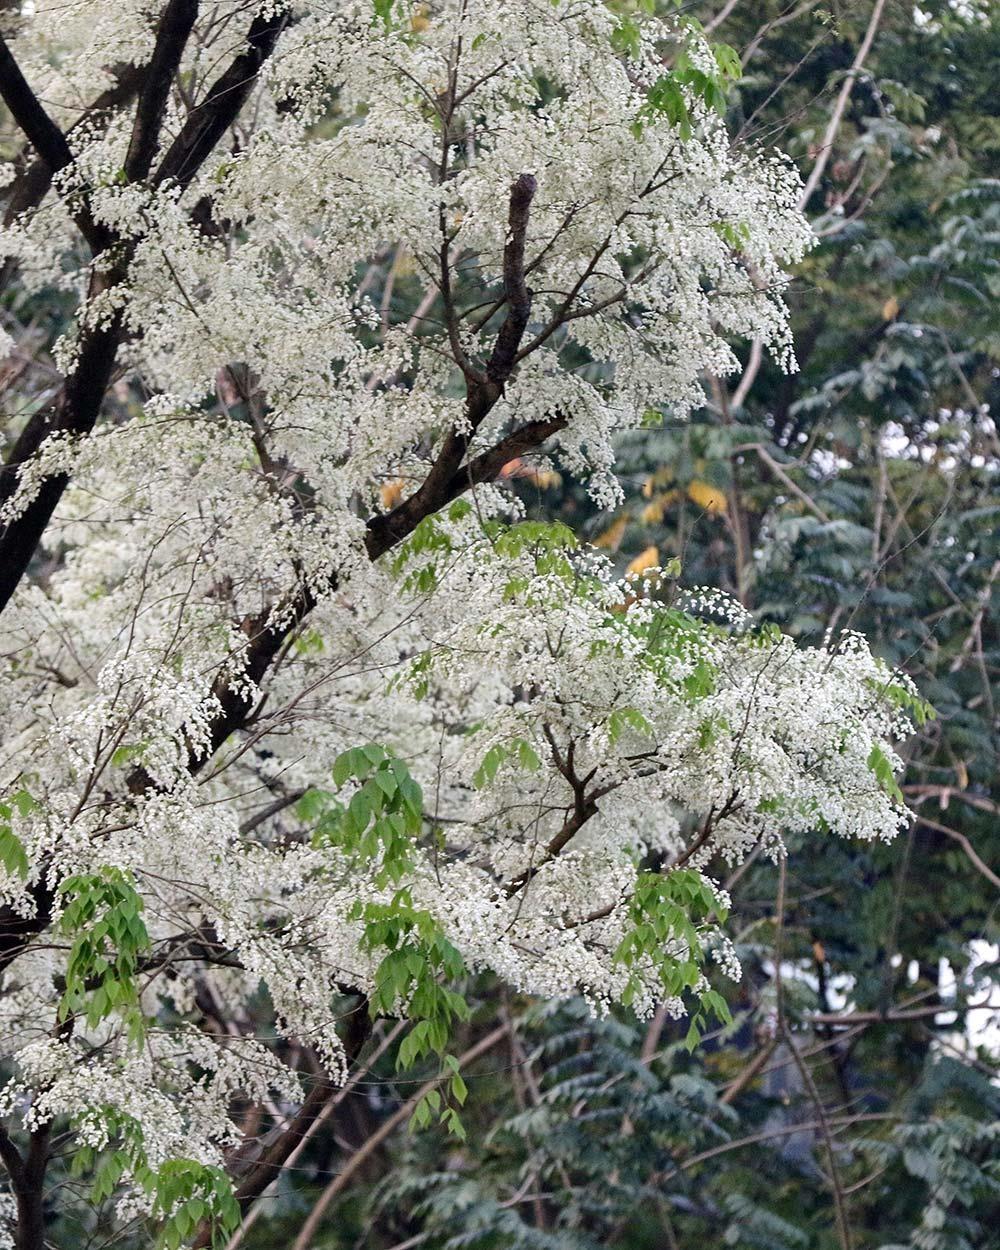 Hoa sưa nở bung trắng khoảng trời Hà Nội dịp thượng đỉnh Mỹ - Triều ảnh 8